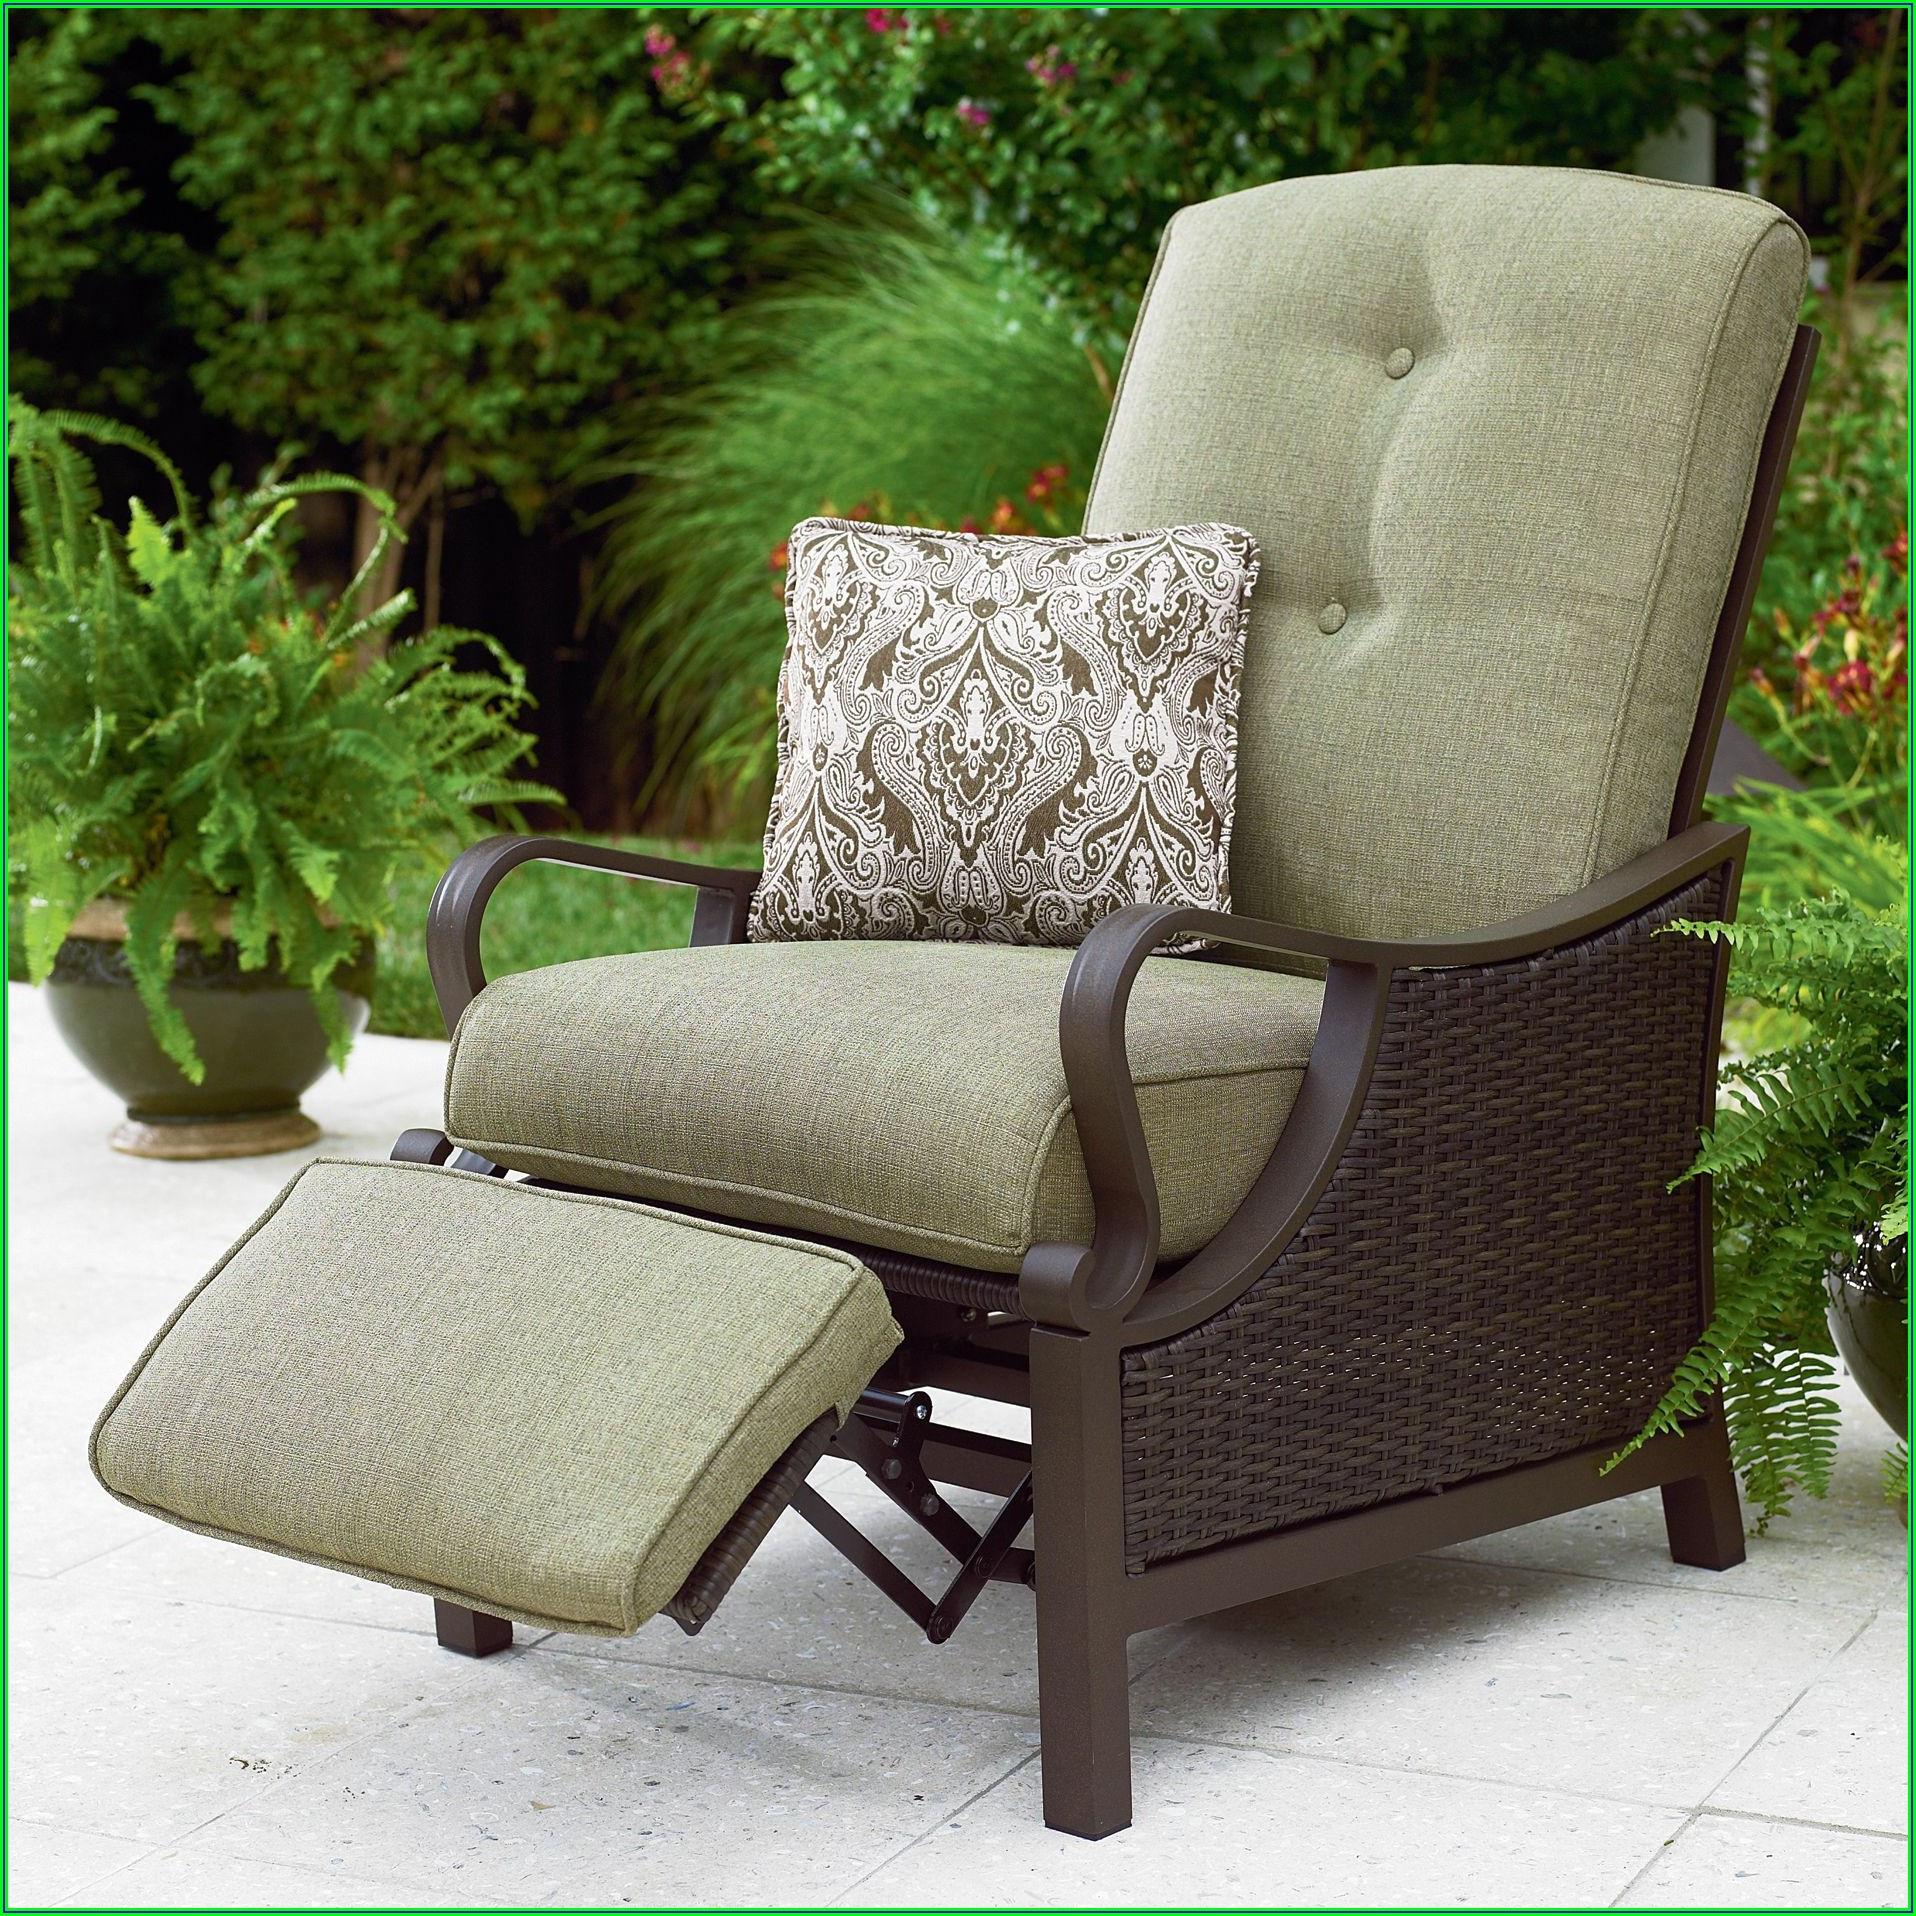 Sears Patio Chair Cushions